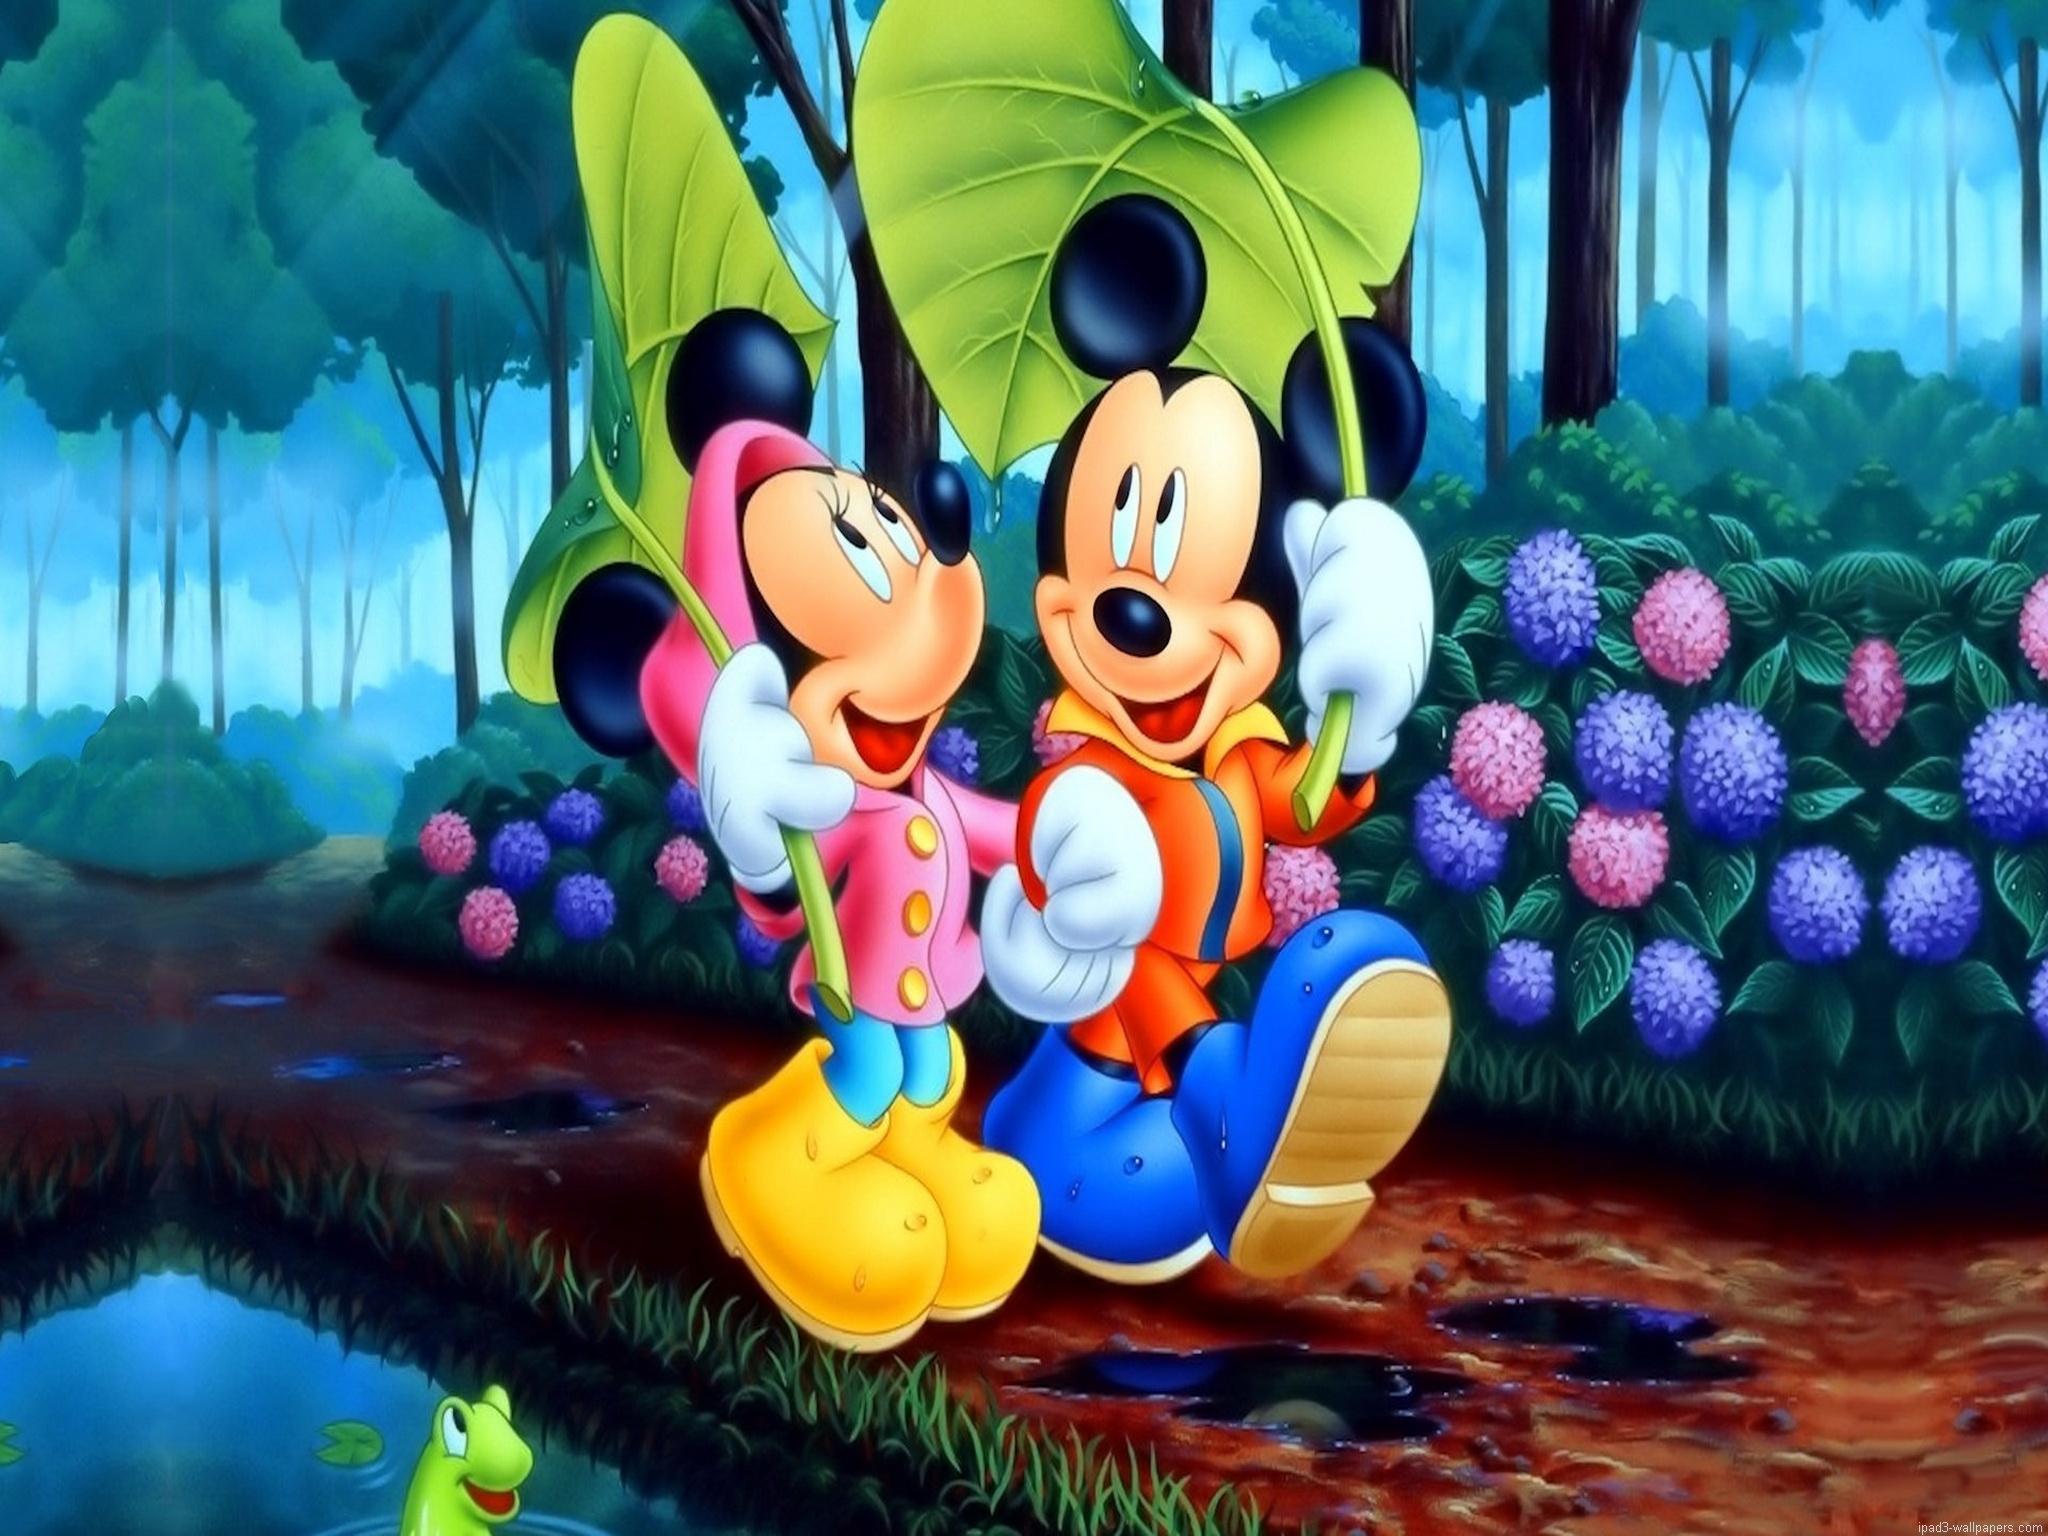 Disney Christmas Wallpaper For Ipad Wallpapersafari